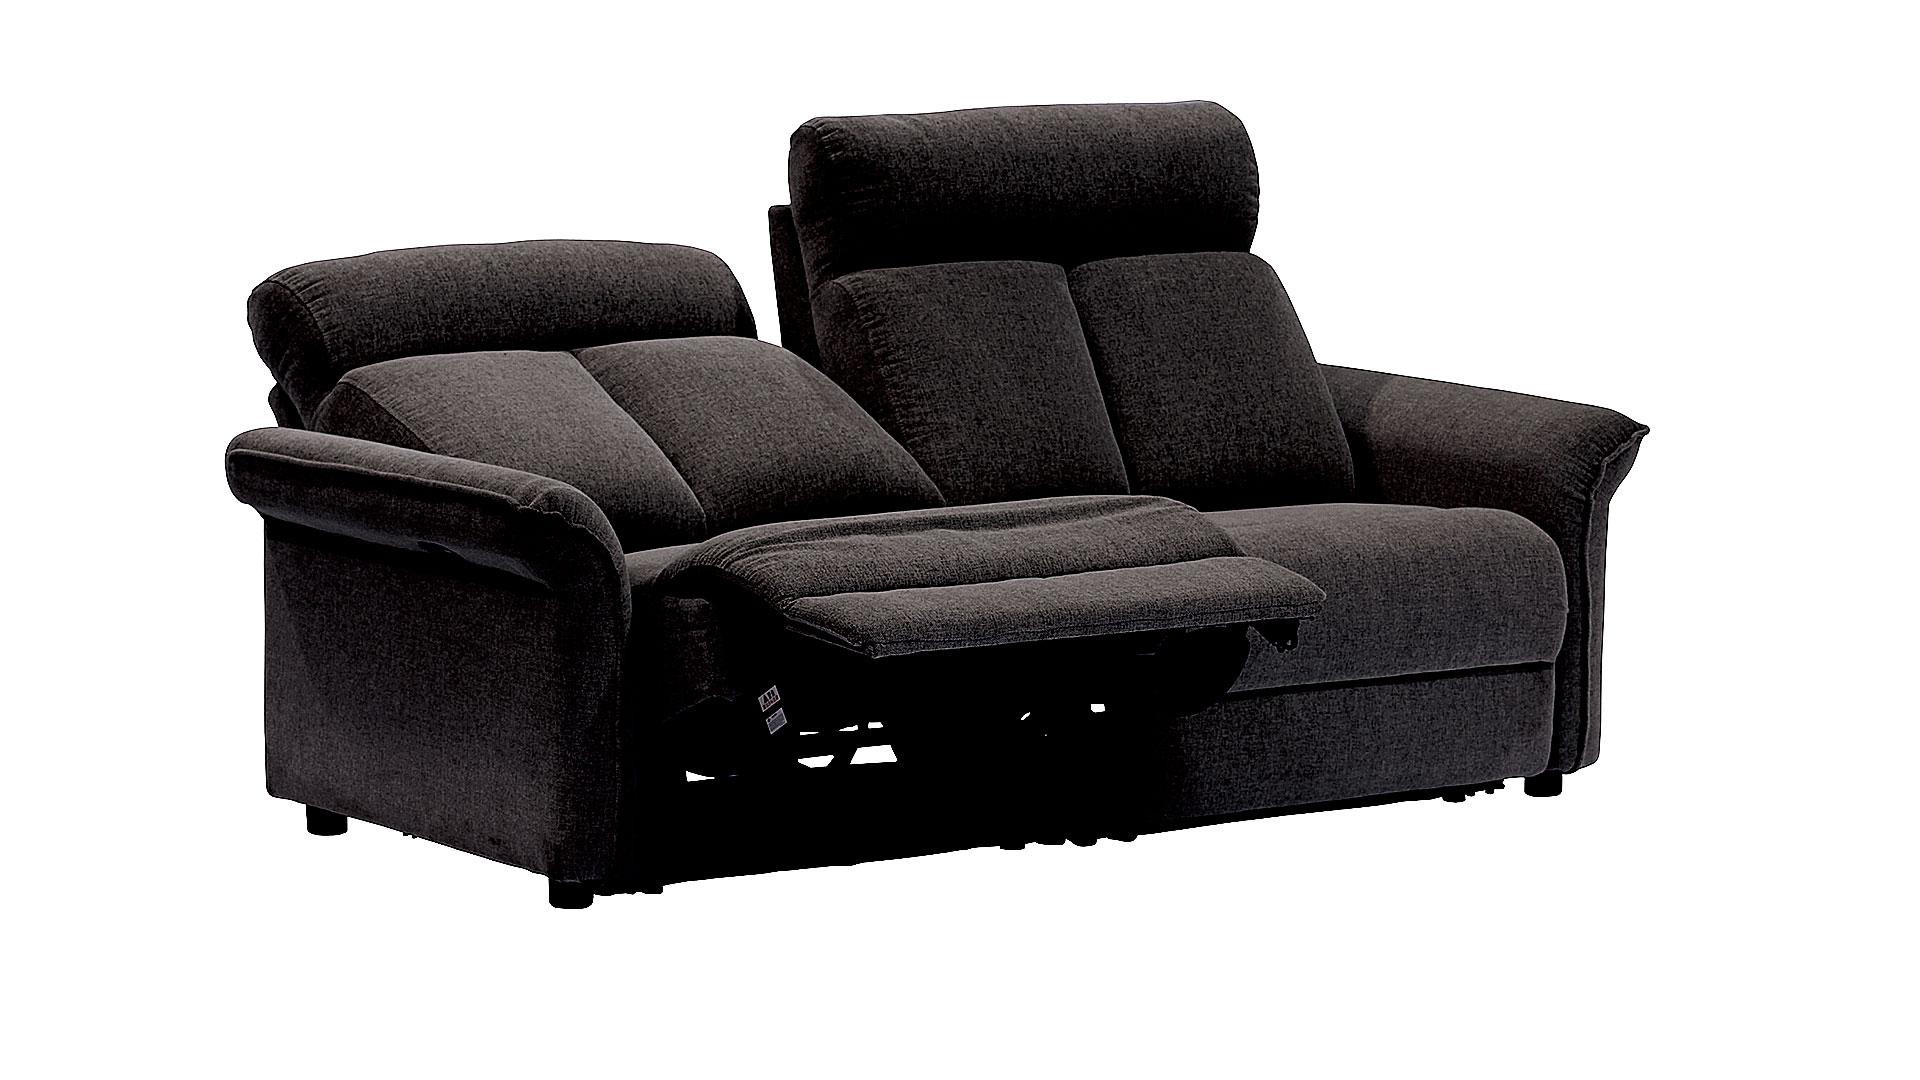 リビンズの電動リクライニングソファ「ベルタ」のブラックの画像